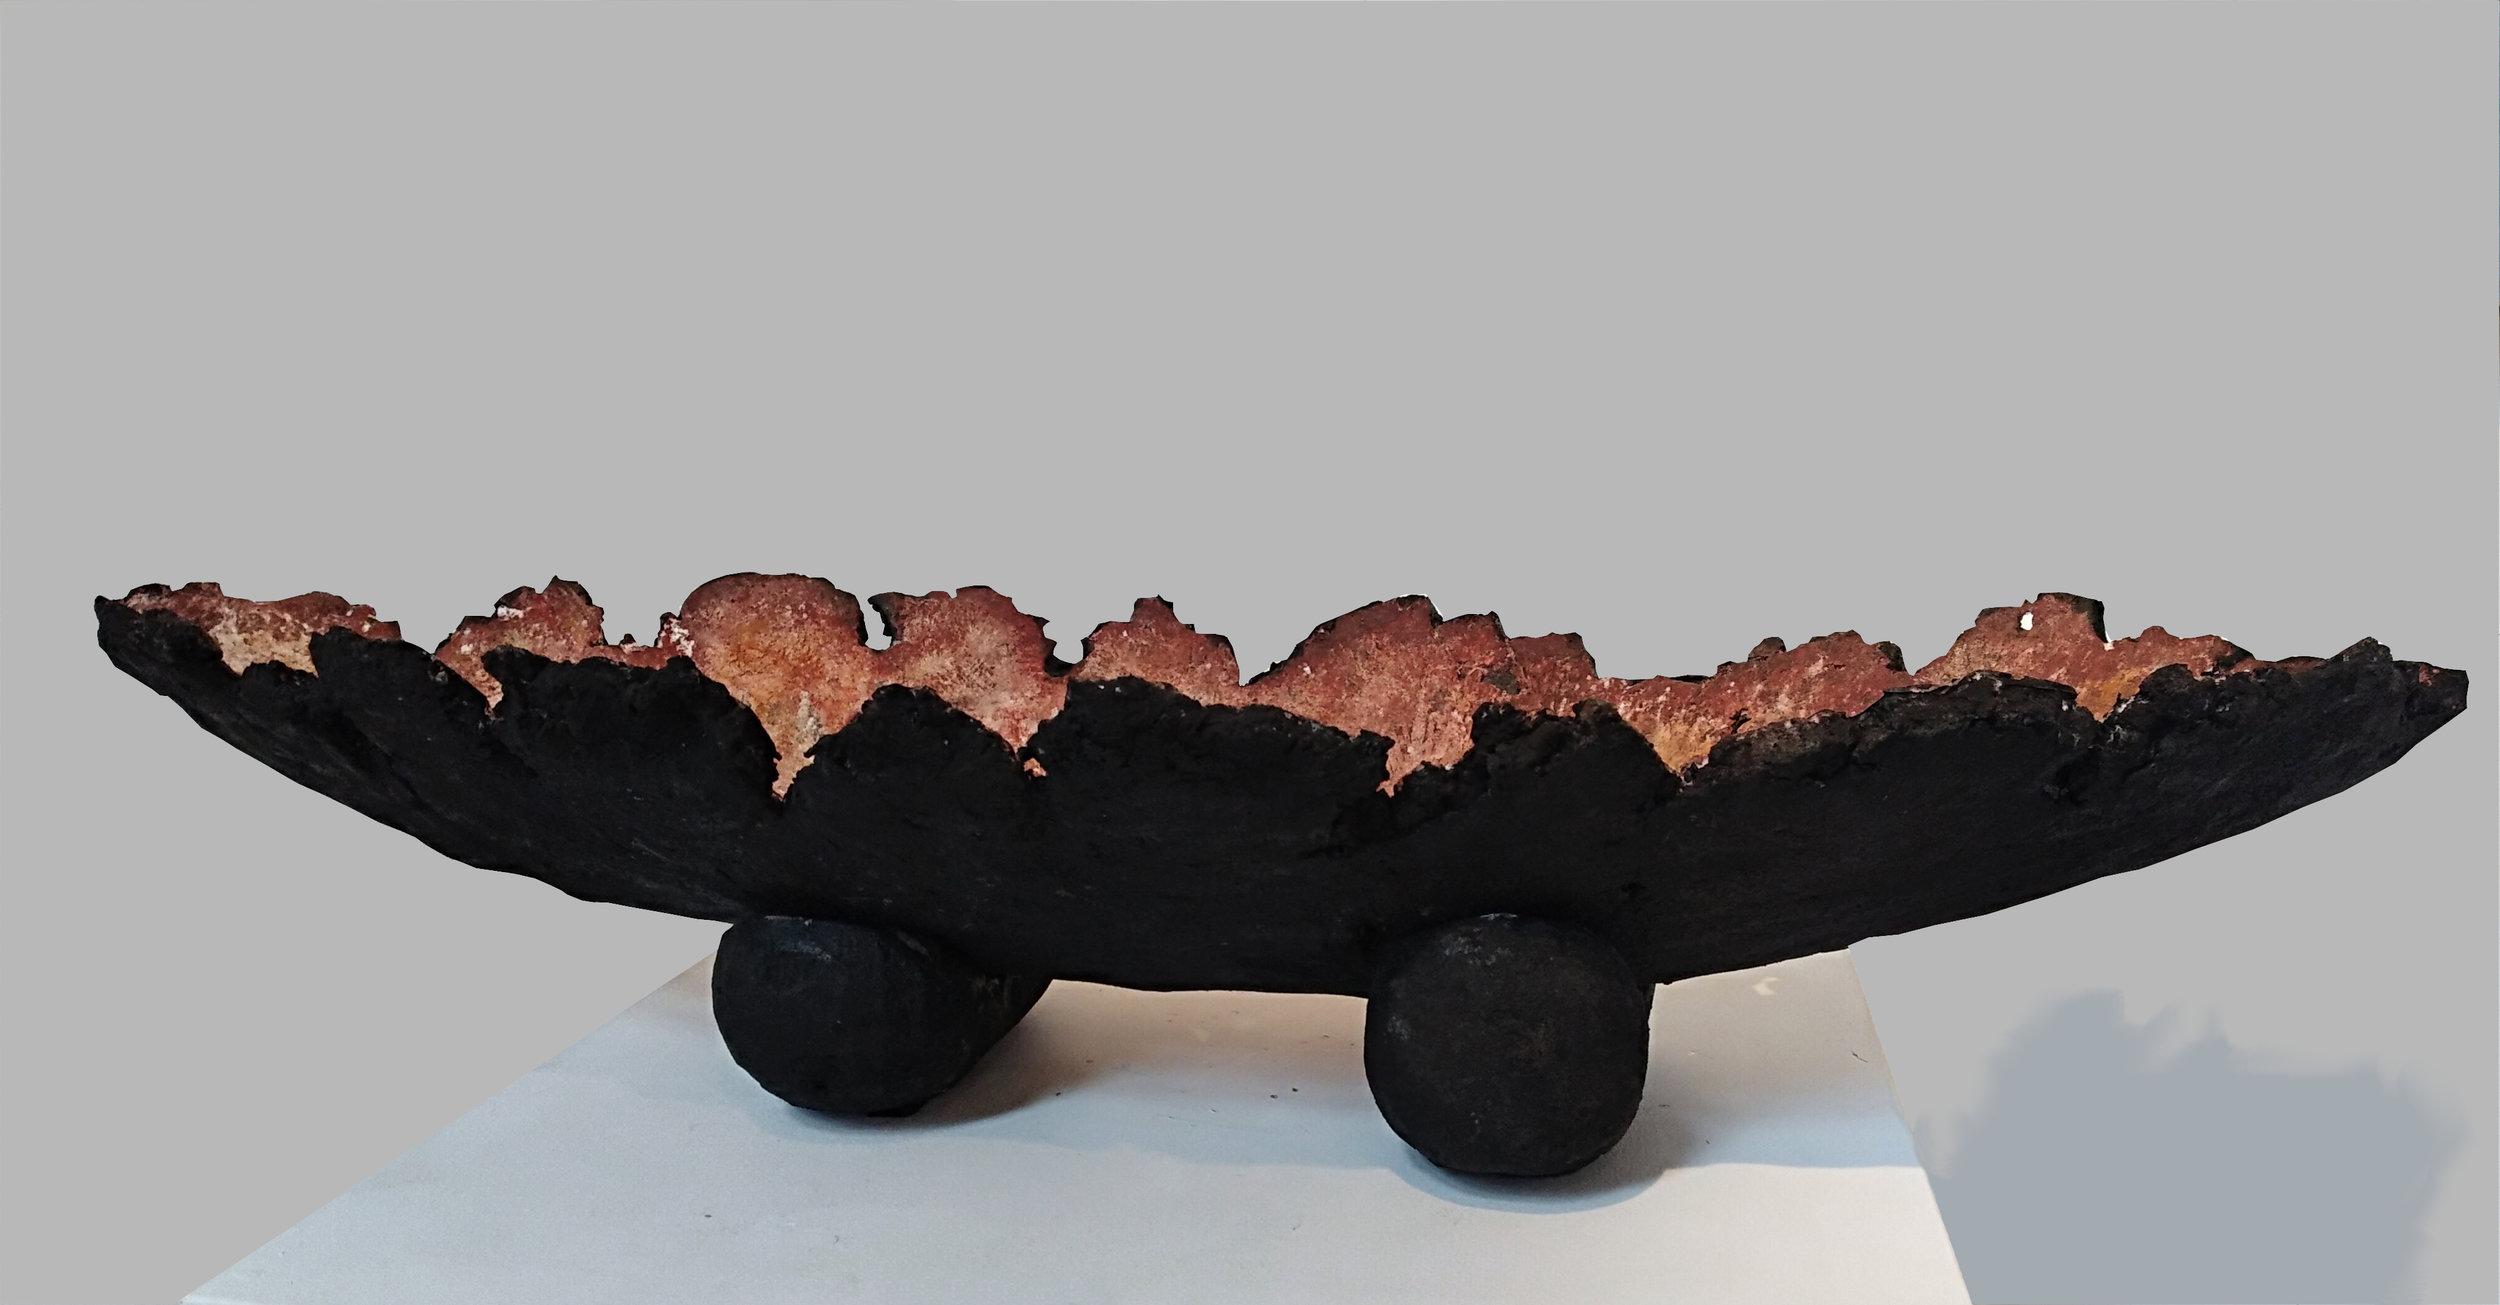 Black Jagged Vessel  John Phillips, artis fiberclay  sold